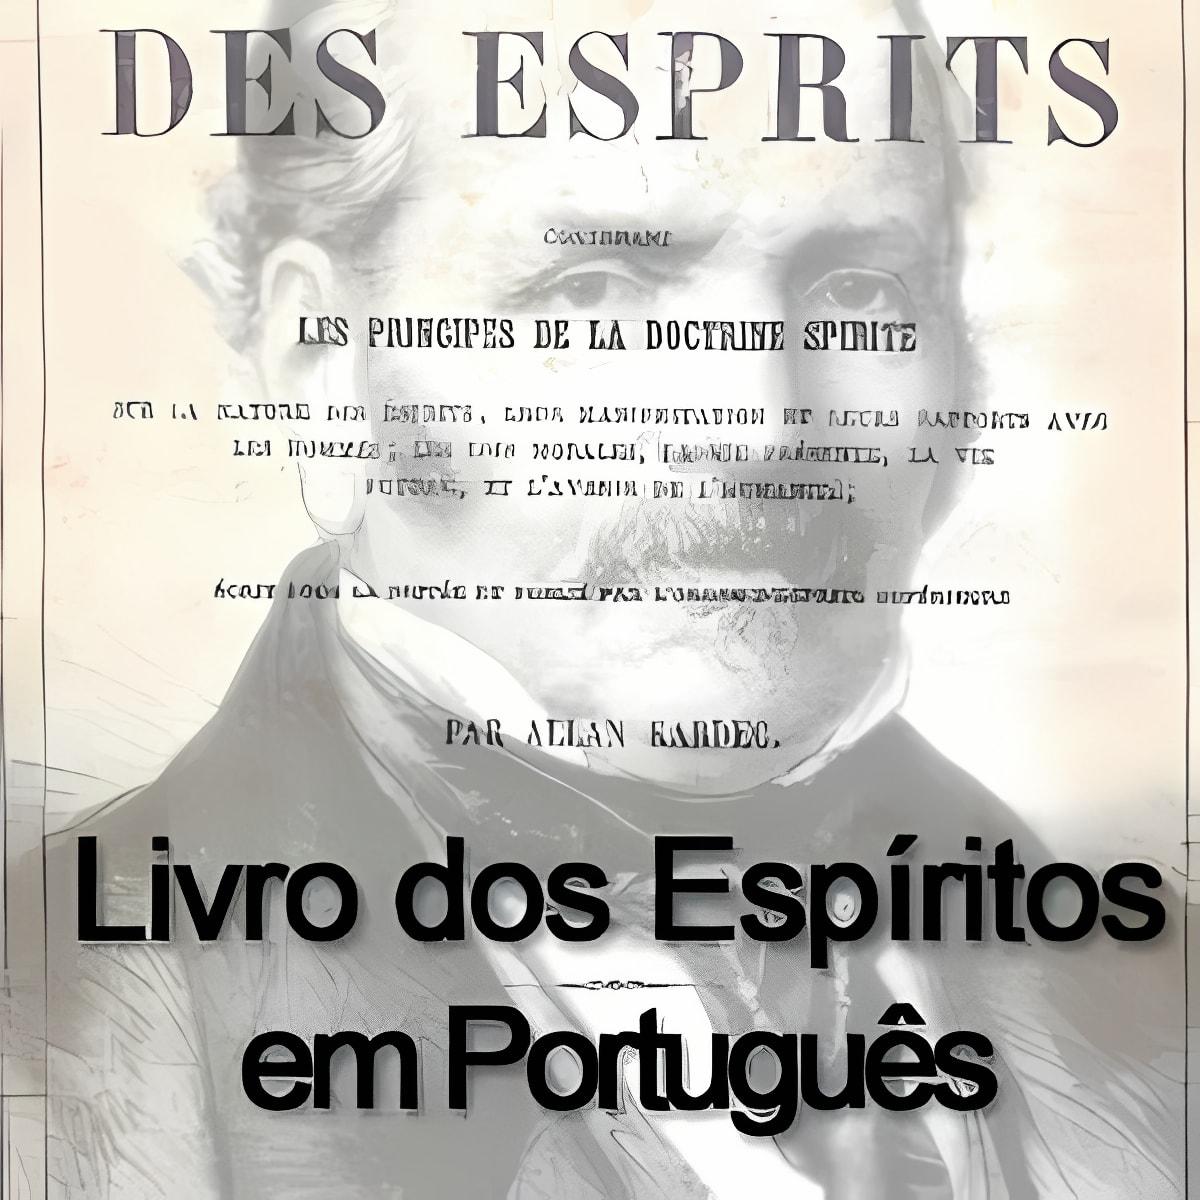 Livro dos Espíritos Português 2.0